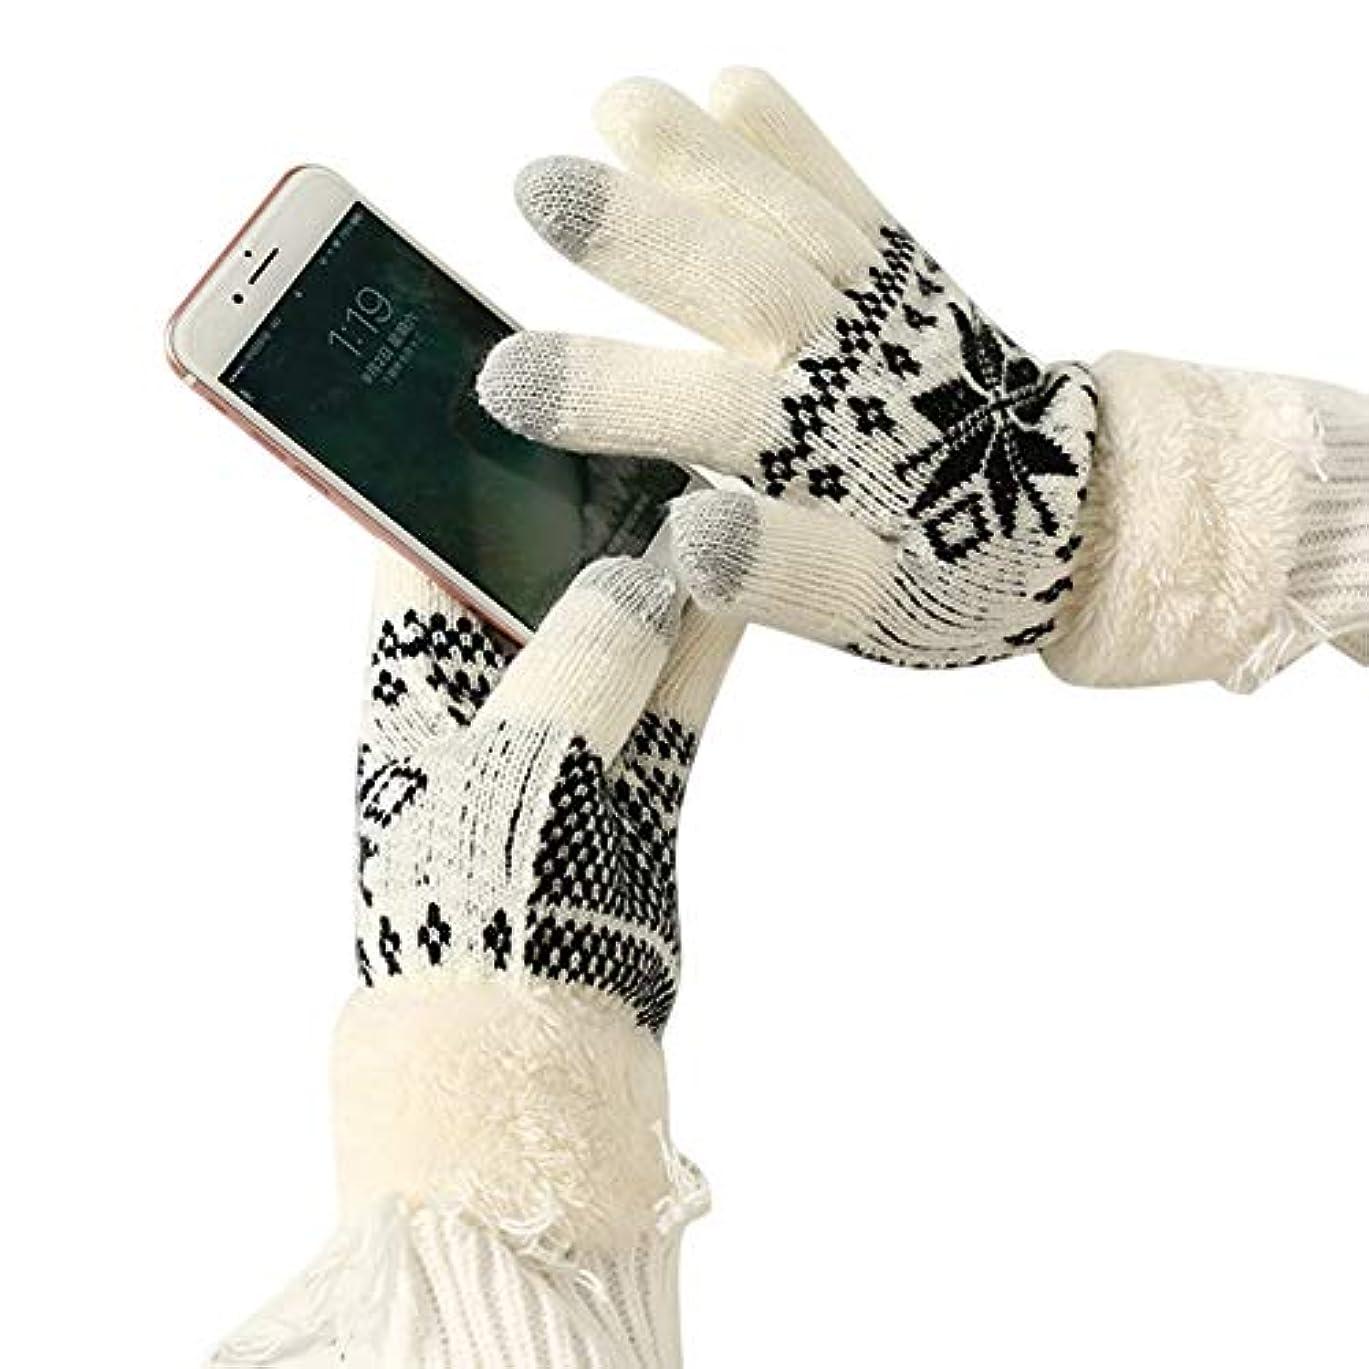 給料期間分配しますTengfly Women Touchscreen Gloves, Winter Warm Knit Gloves,Soft Extra-Warm Fleece Touchscreen Gloves,Snow Flower...